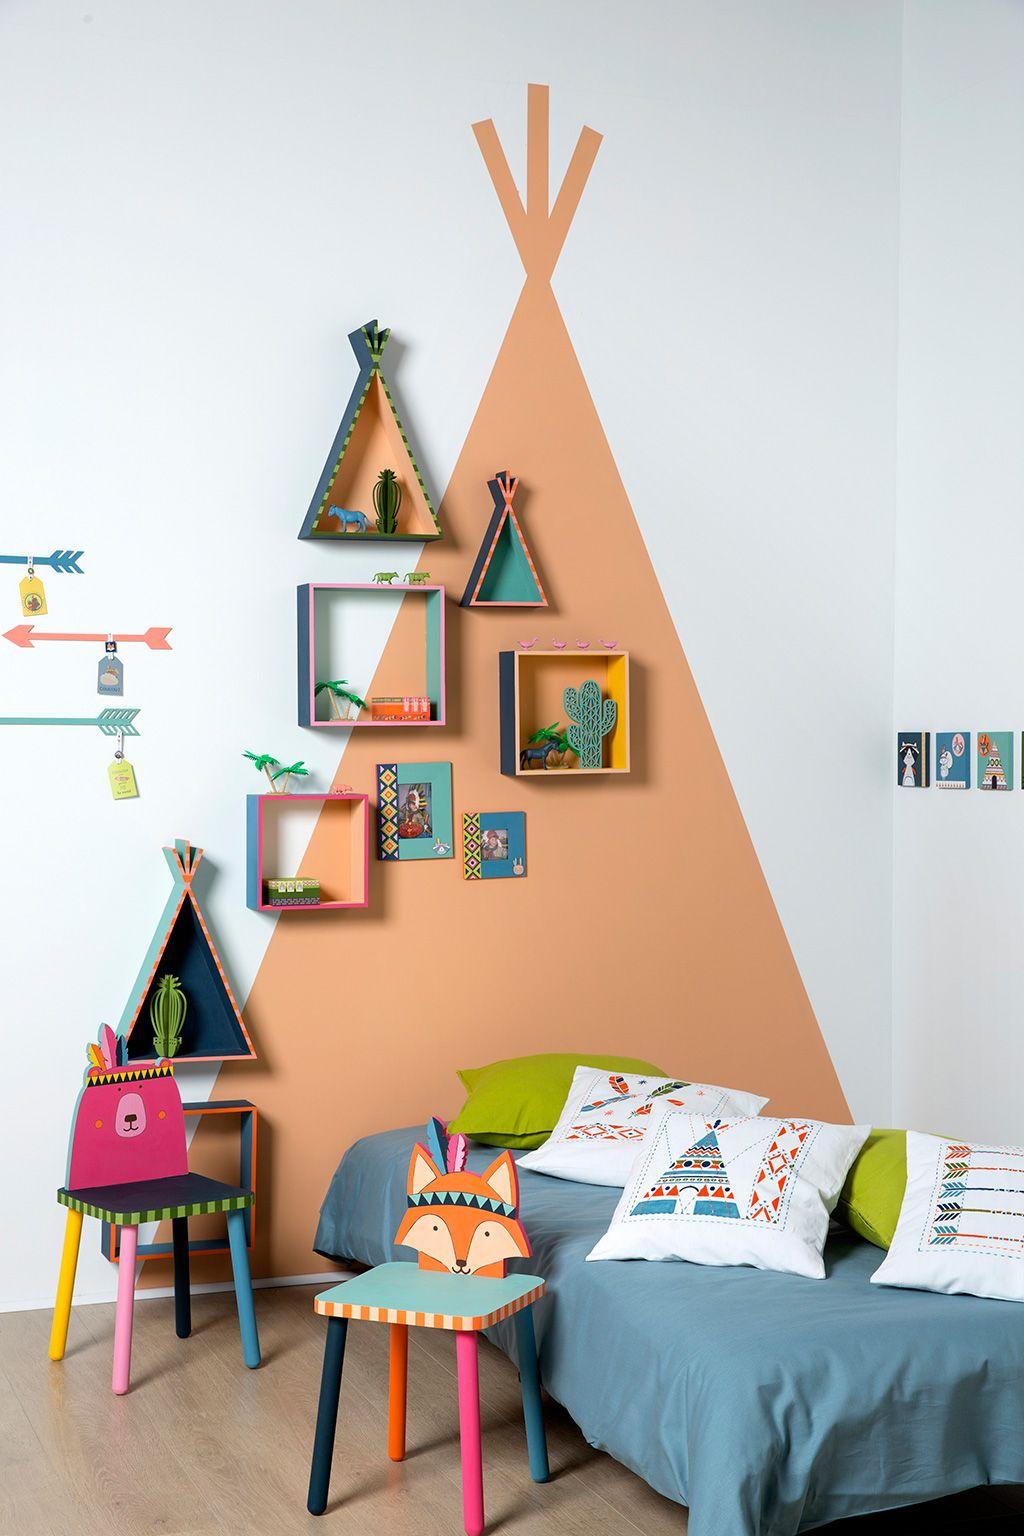 tuto d coration d 39 une chambre d 39 enfant sur le th me des. Black Bedroom Furniture Sets. Home Design Ideas